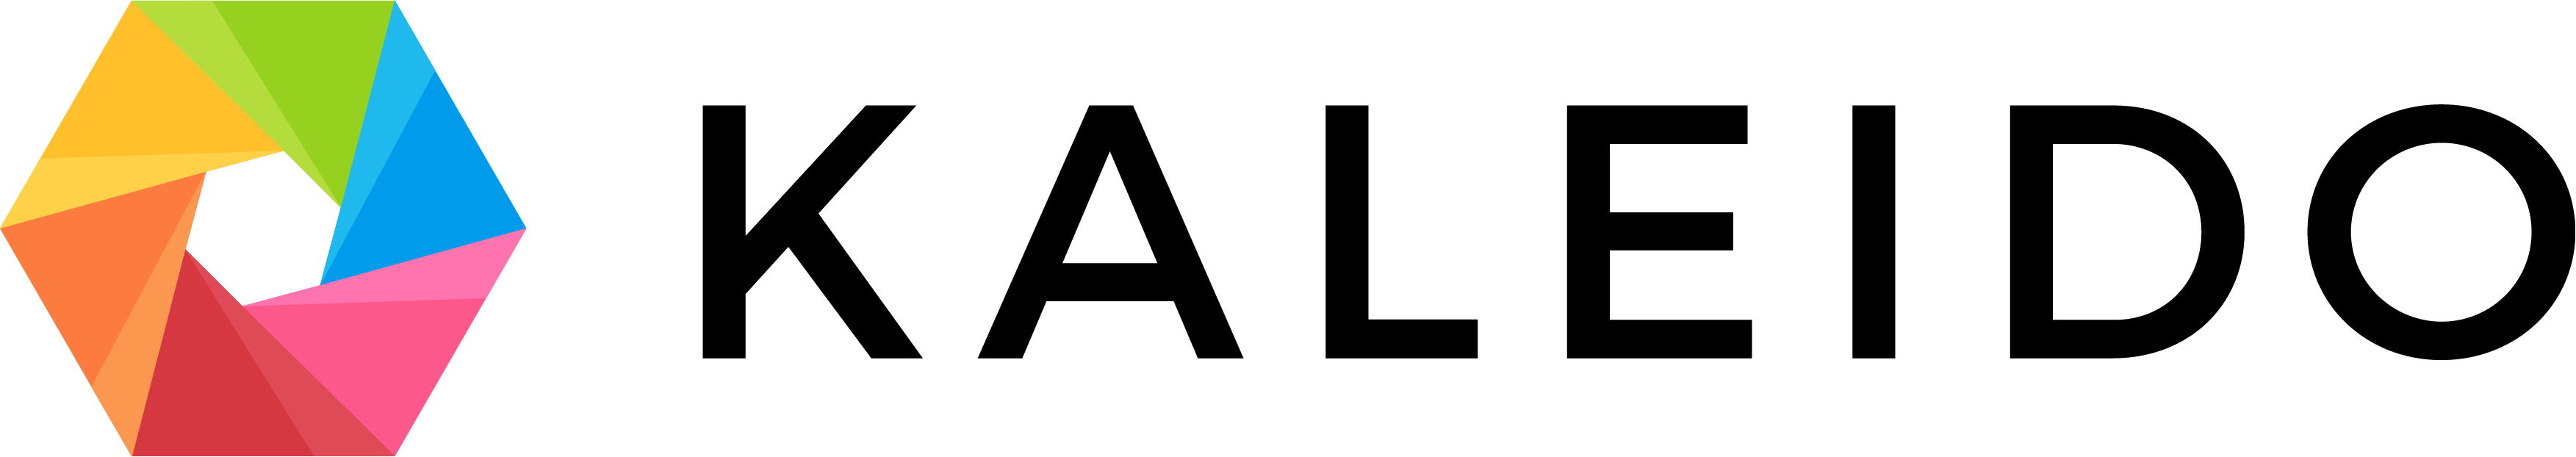 kaleido.ai logo